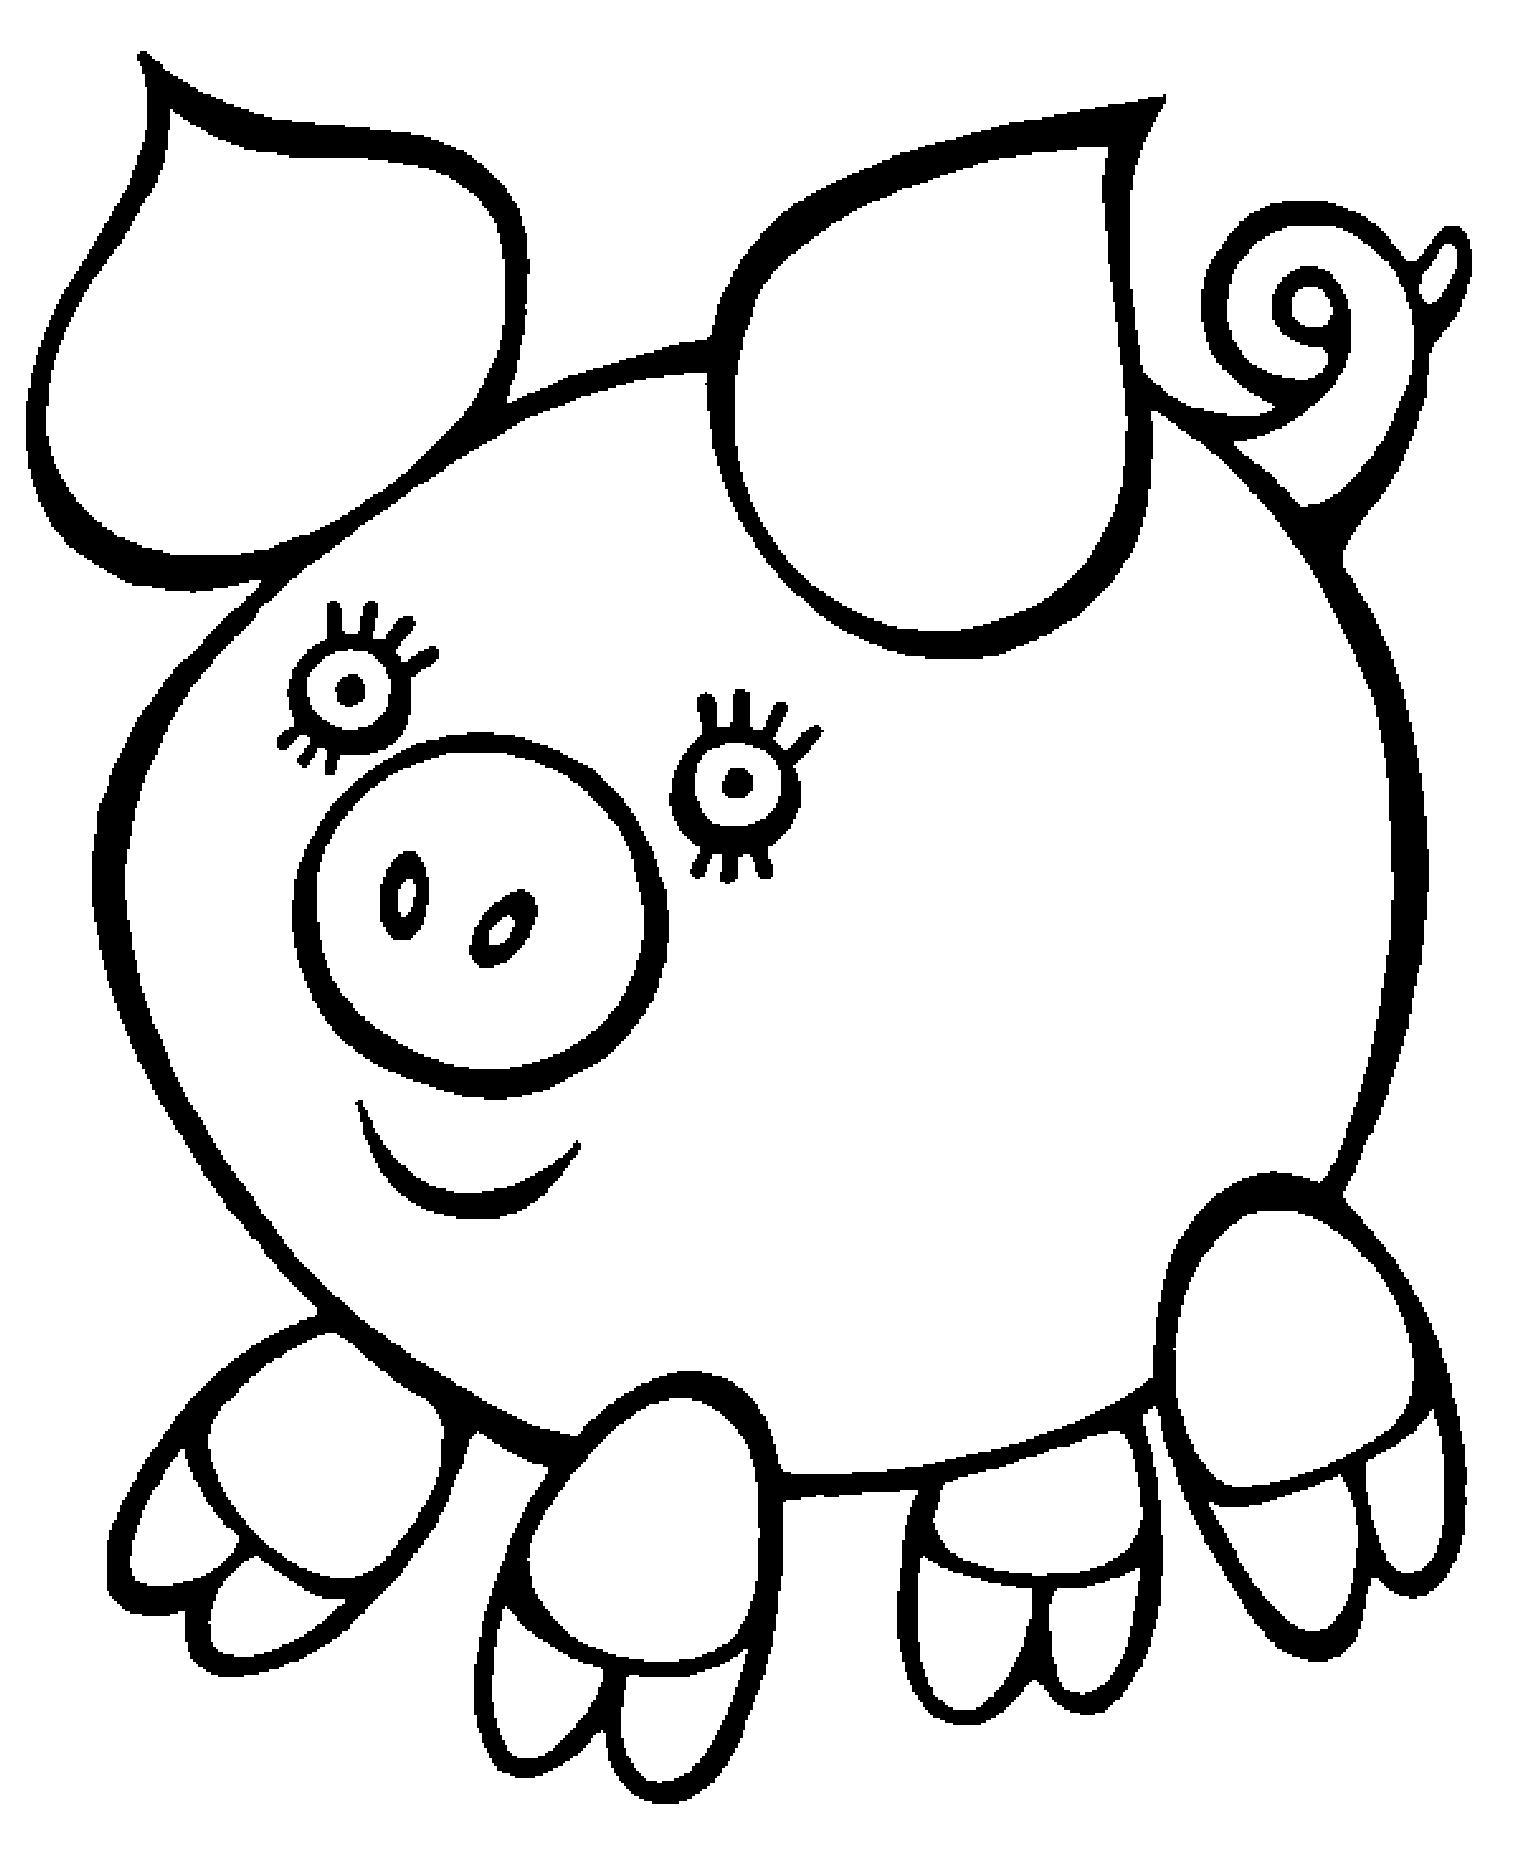 Раскраски для детей 5 лет детские раскраски, распечатать ...